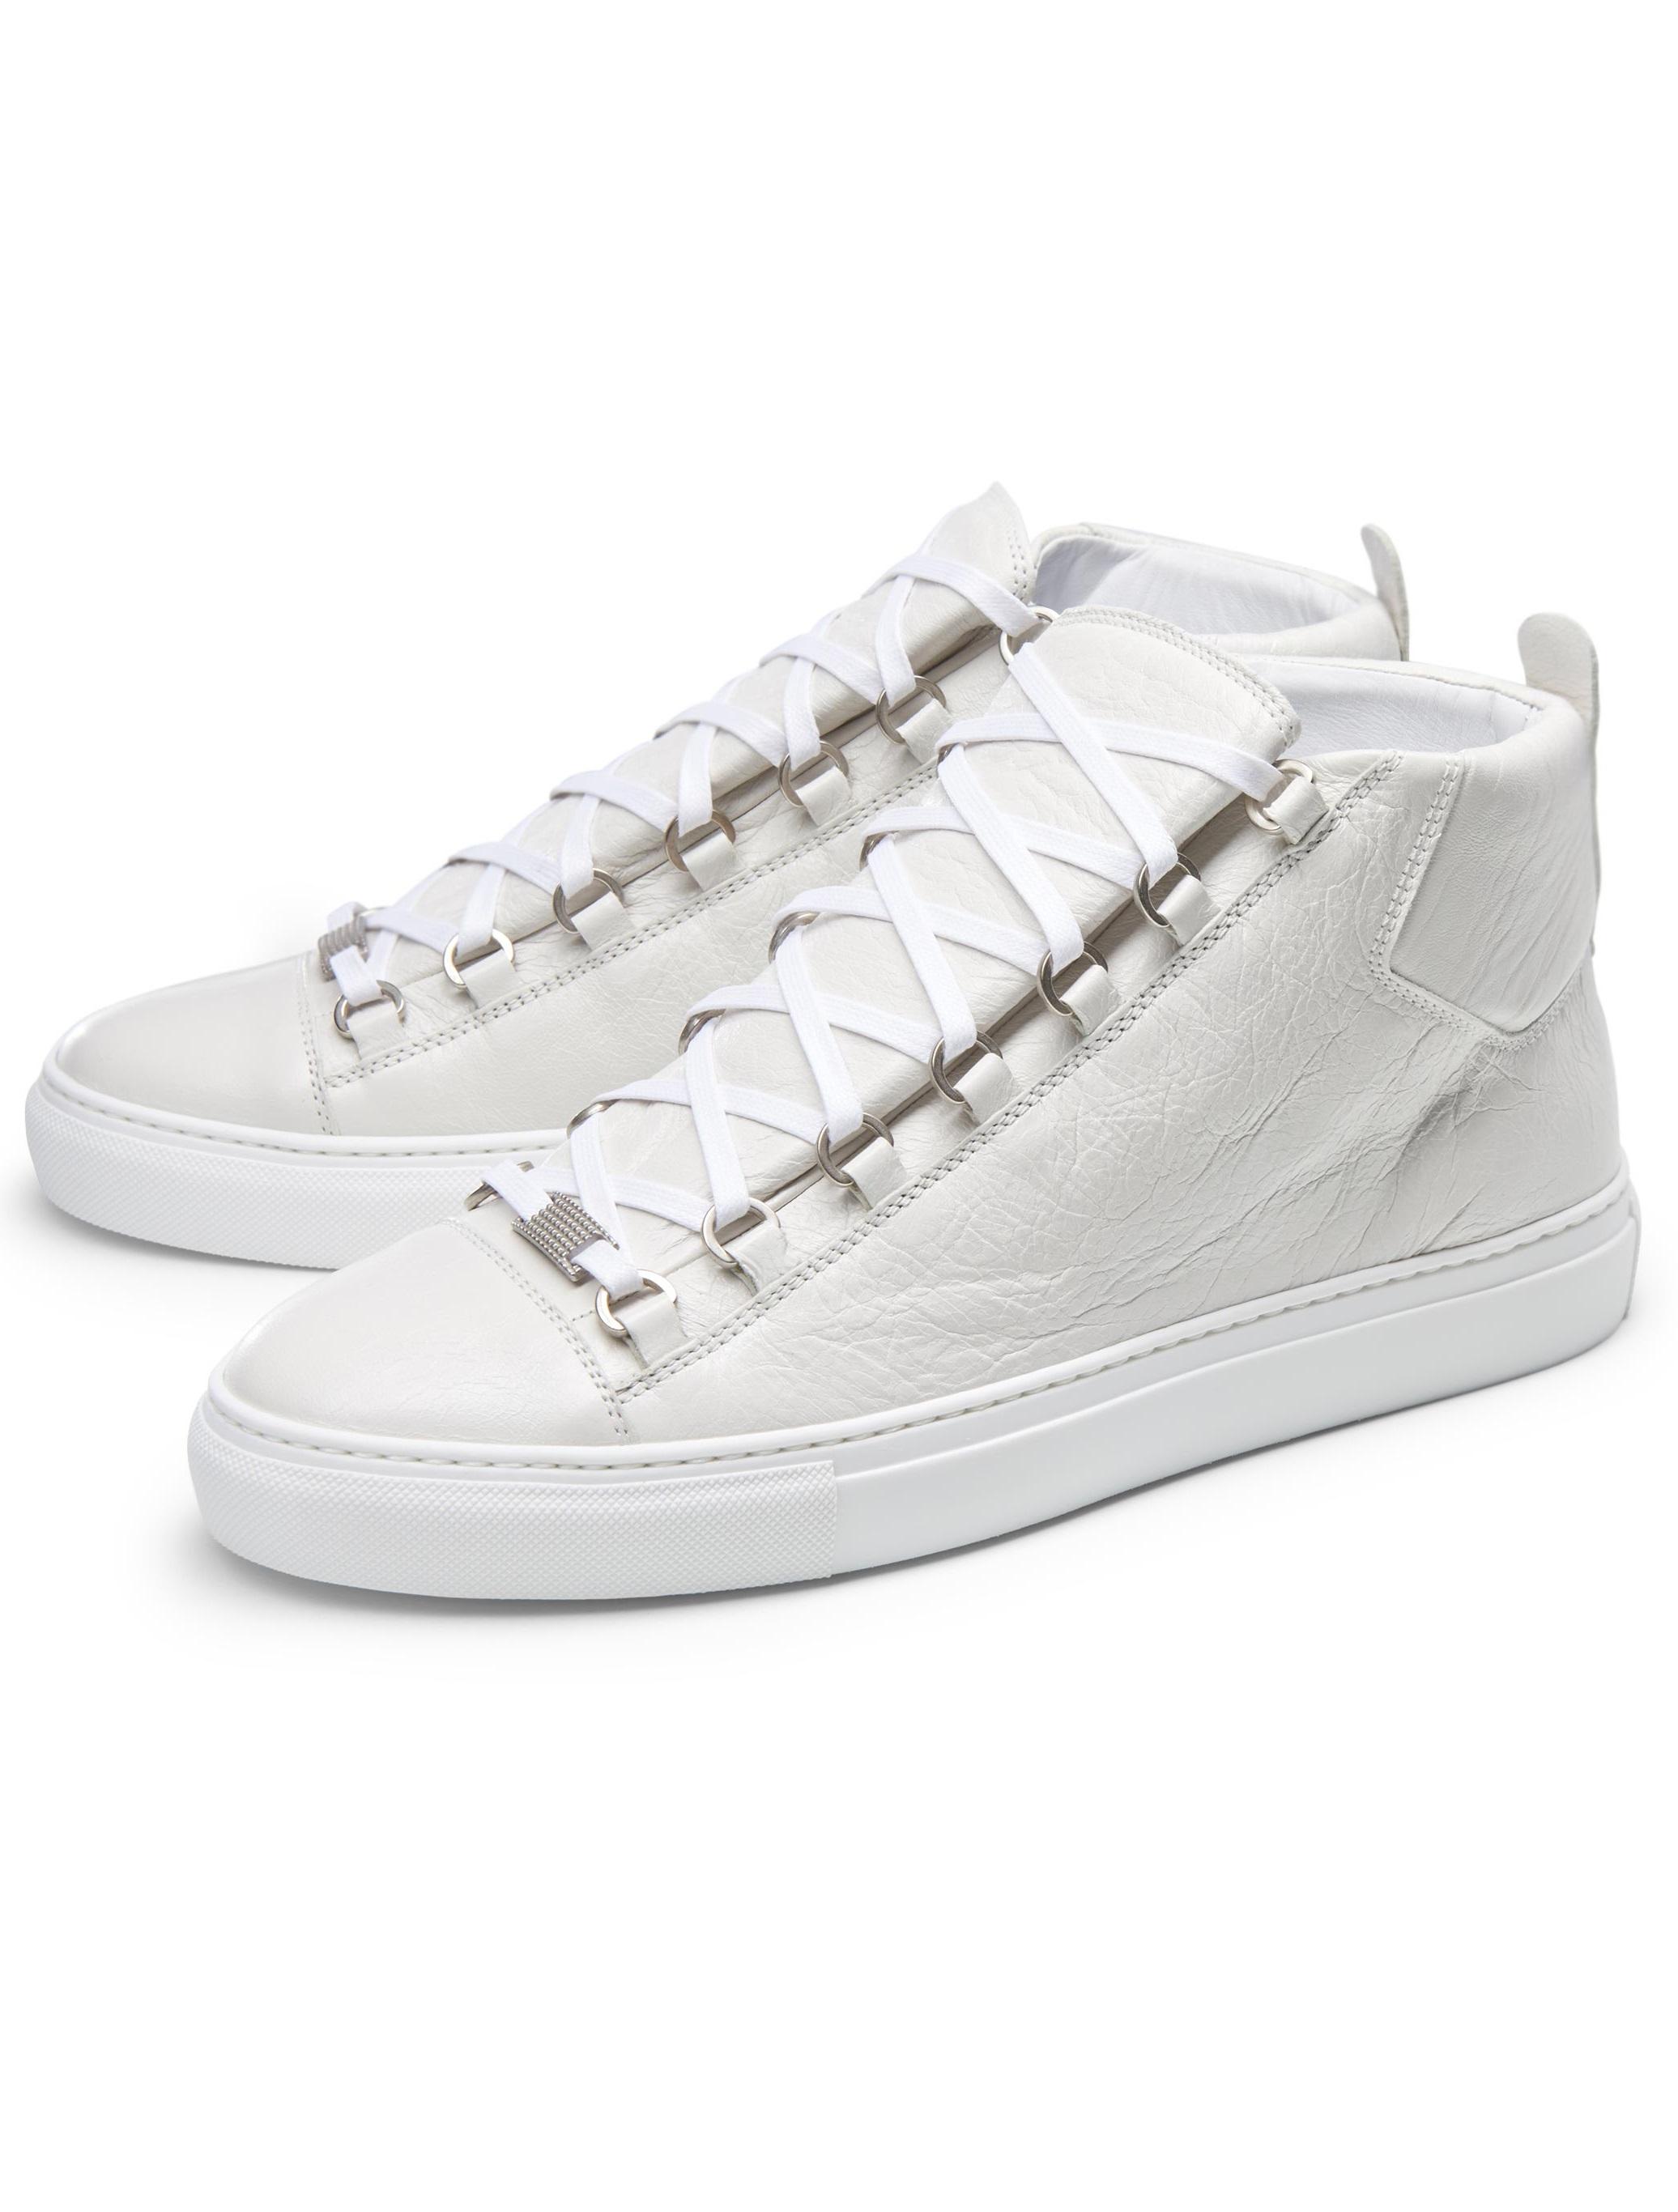 Balenciaga Arena Sneakers | Balenciaga Mens Sneakers | Grey Balenciagas